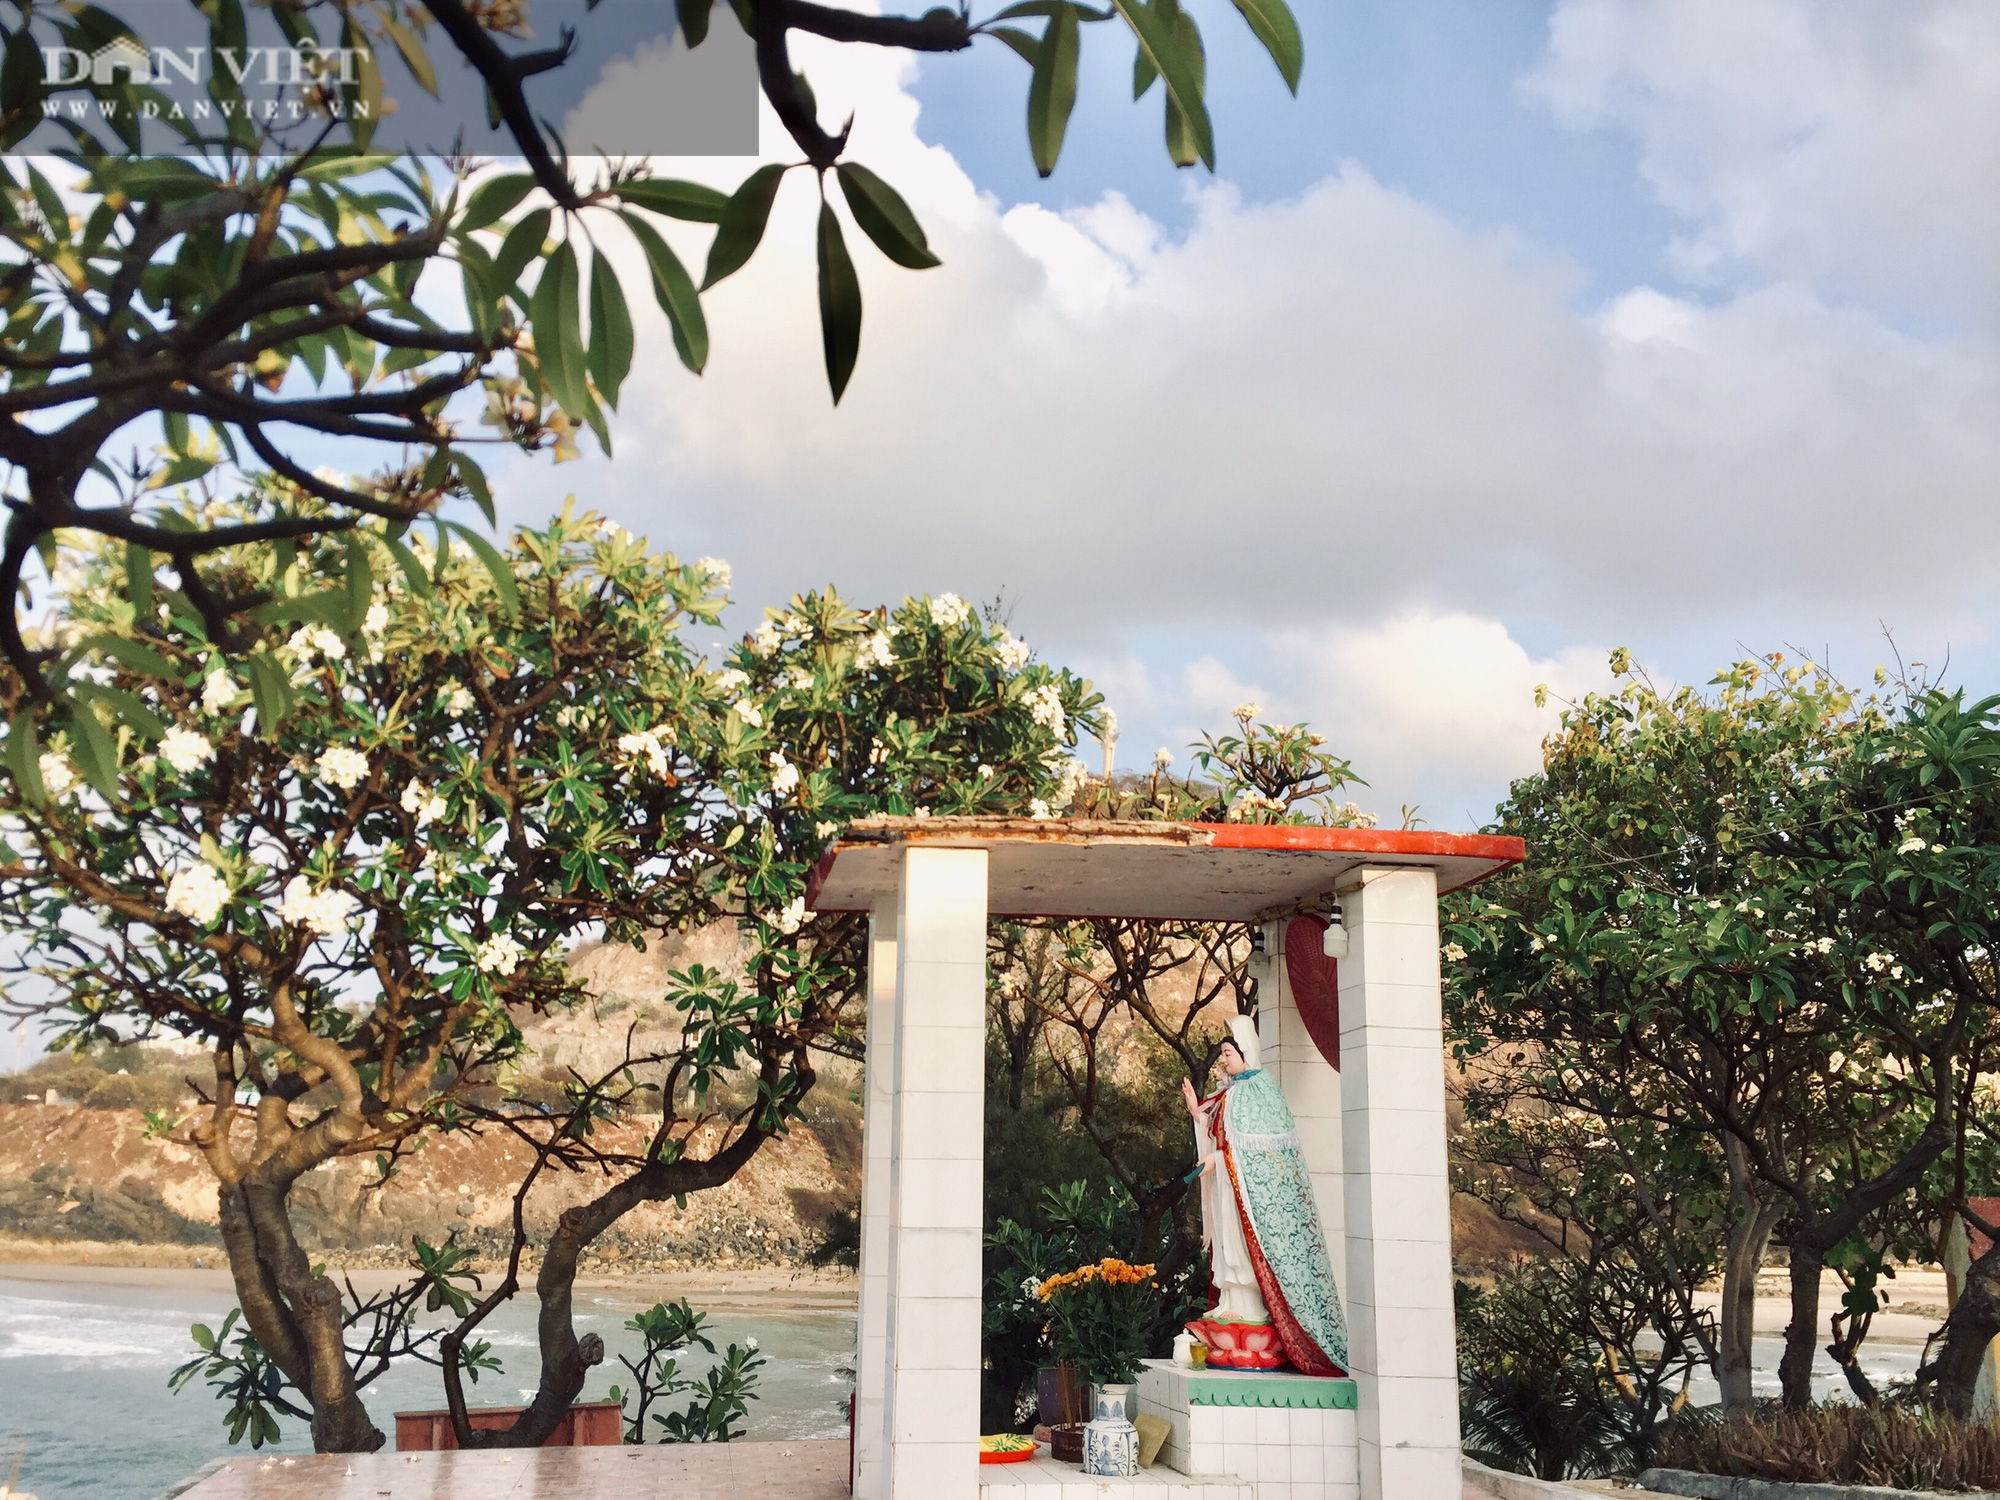 """Canh """"giờ vàng"""" lần theo con đường bí ẩn dưới nước đến thăm ngôi miếu có vị trí đặc biệt nhất Việt Nam - Ảnh 7."""